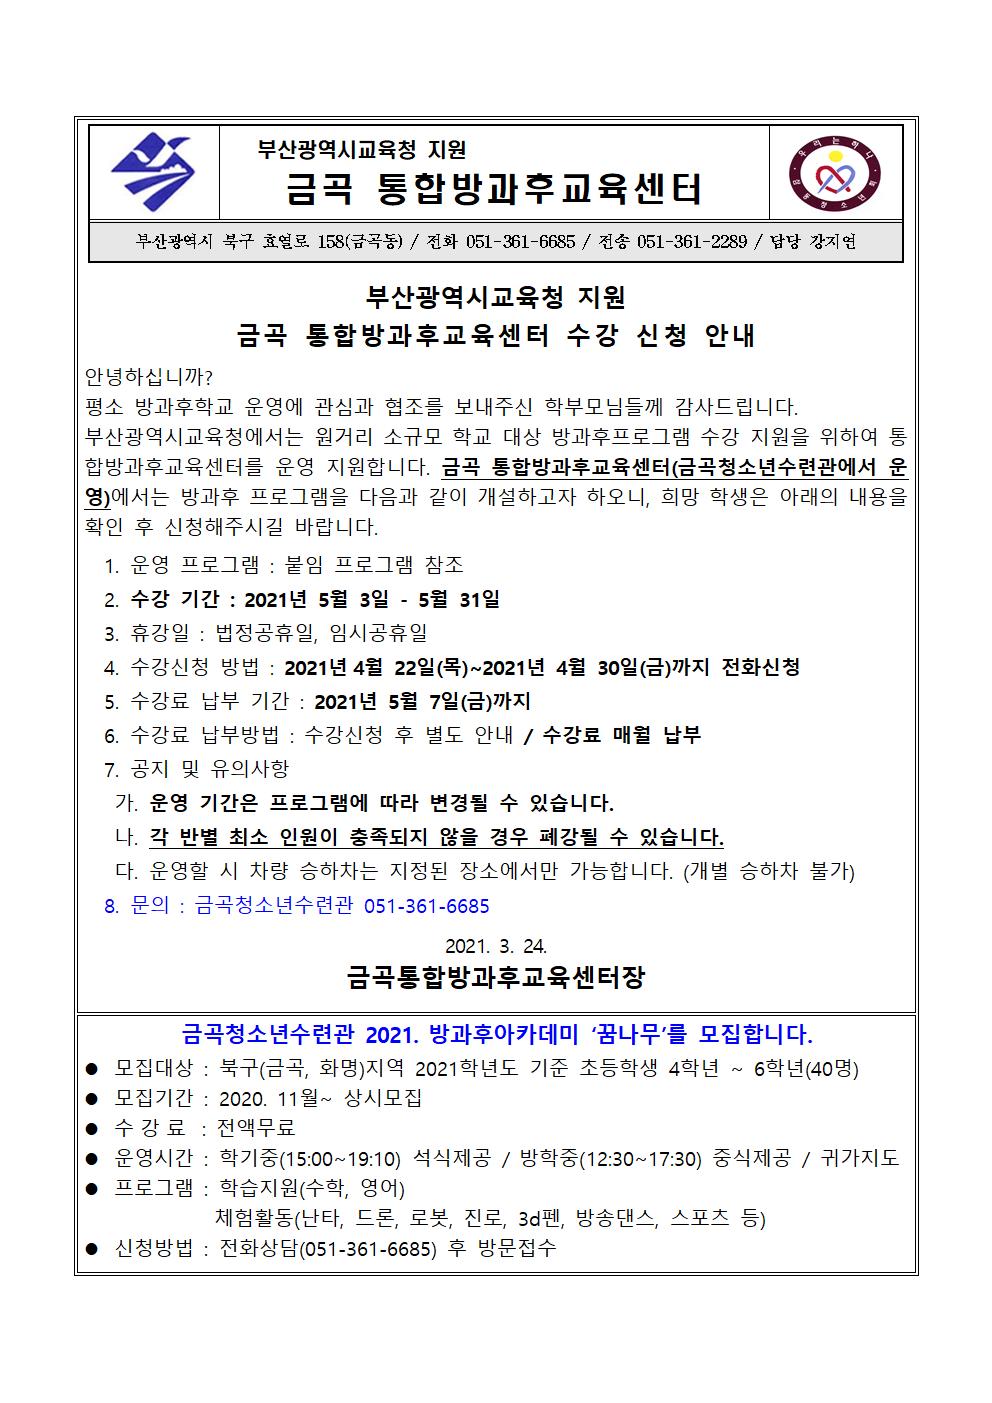 2021 5월 통합방과후교육센터 안내문001.png